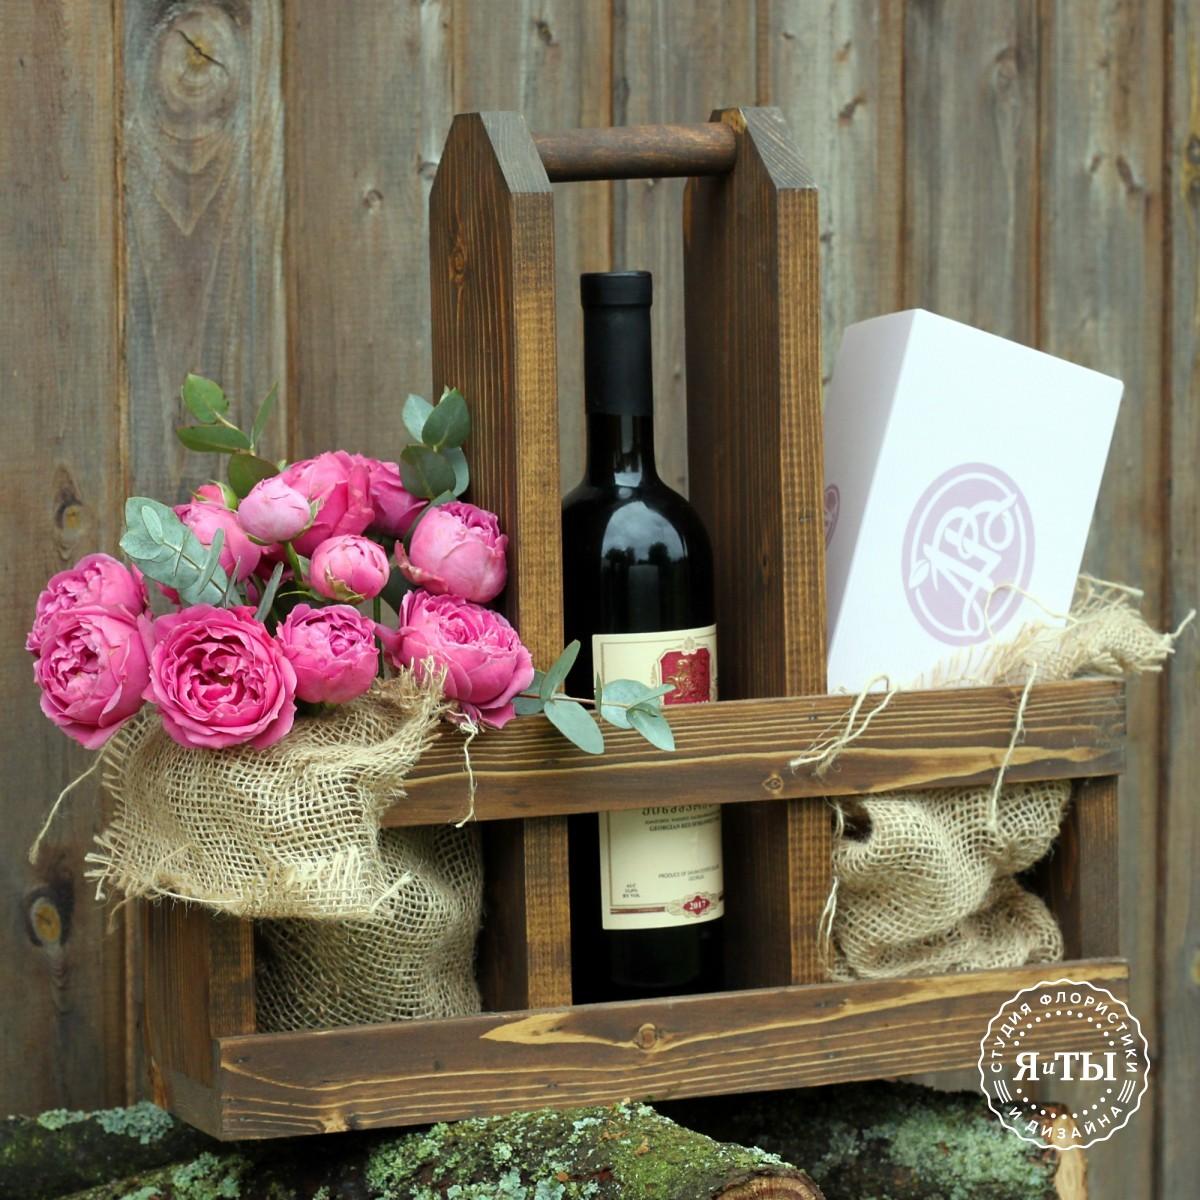 Деревянный ящик с вином и пирожными